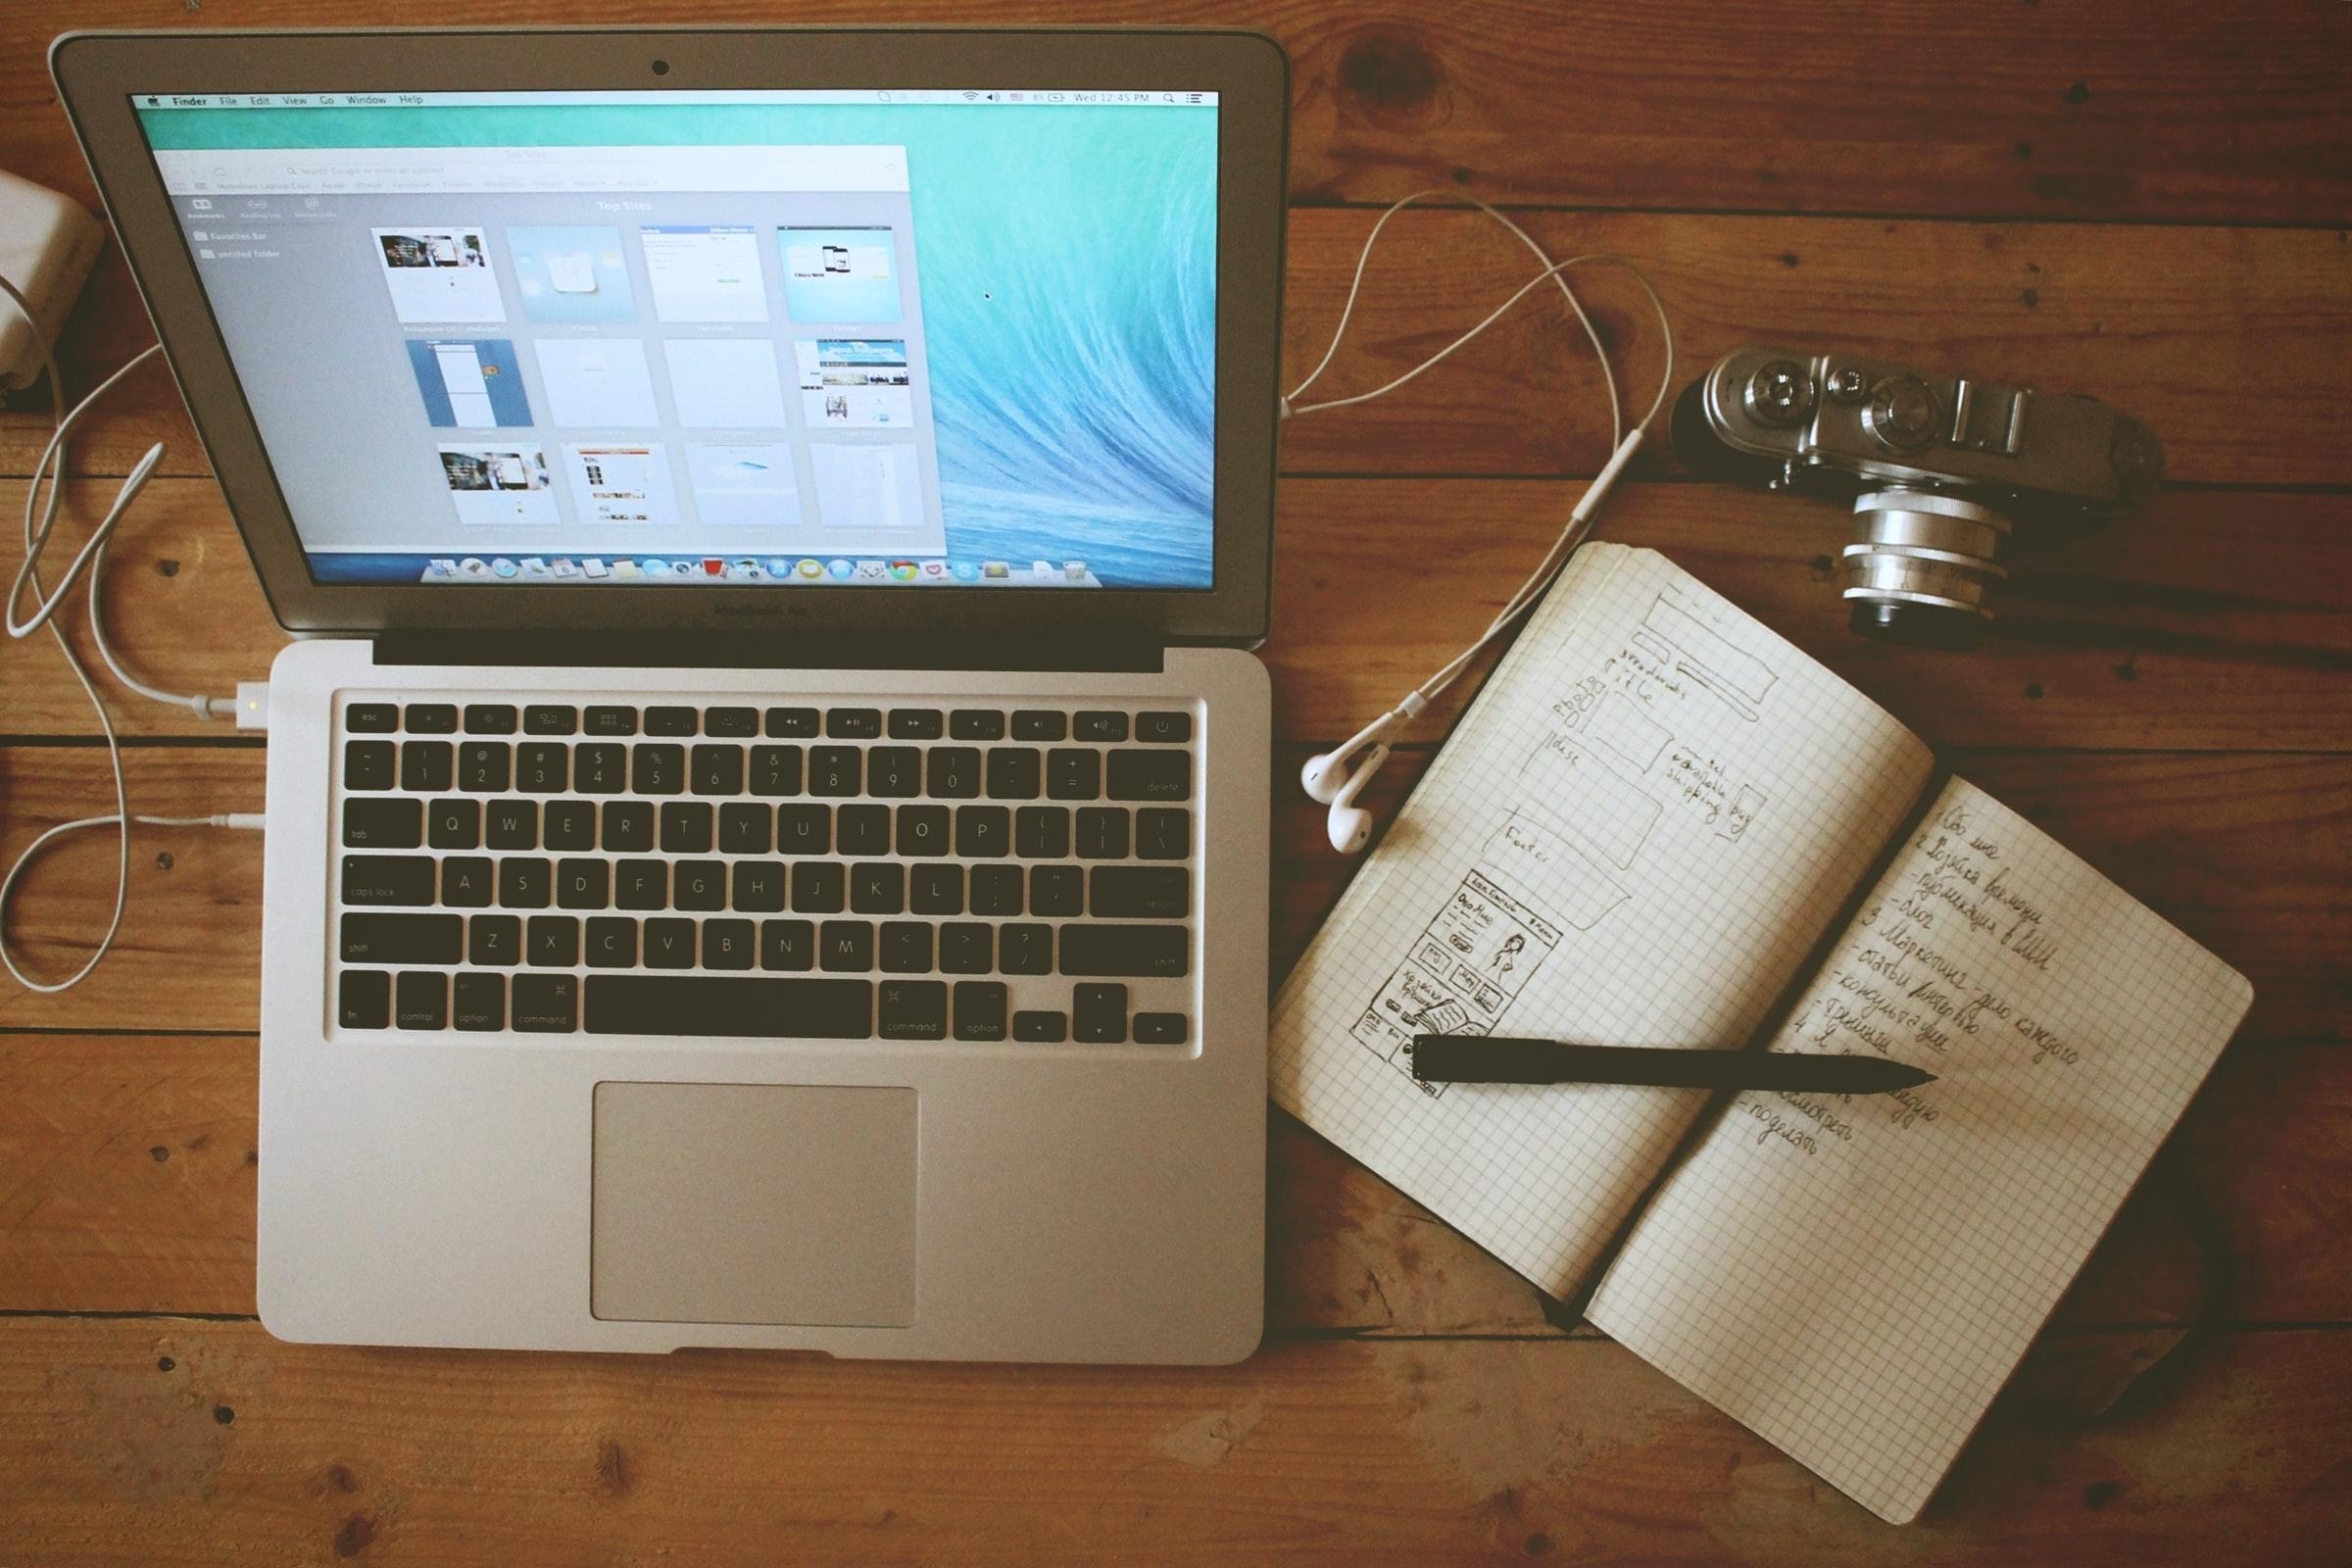 Image d'un ordinateur et d'un cahier pour parler de la création stratégique d'une marque